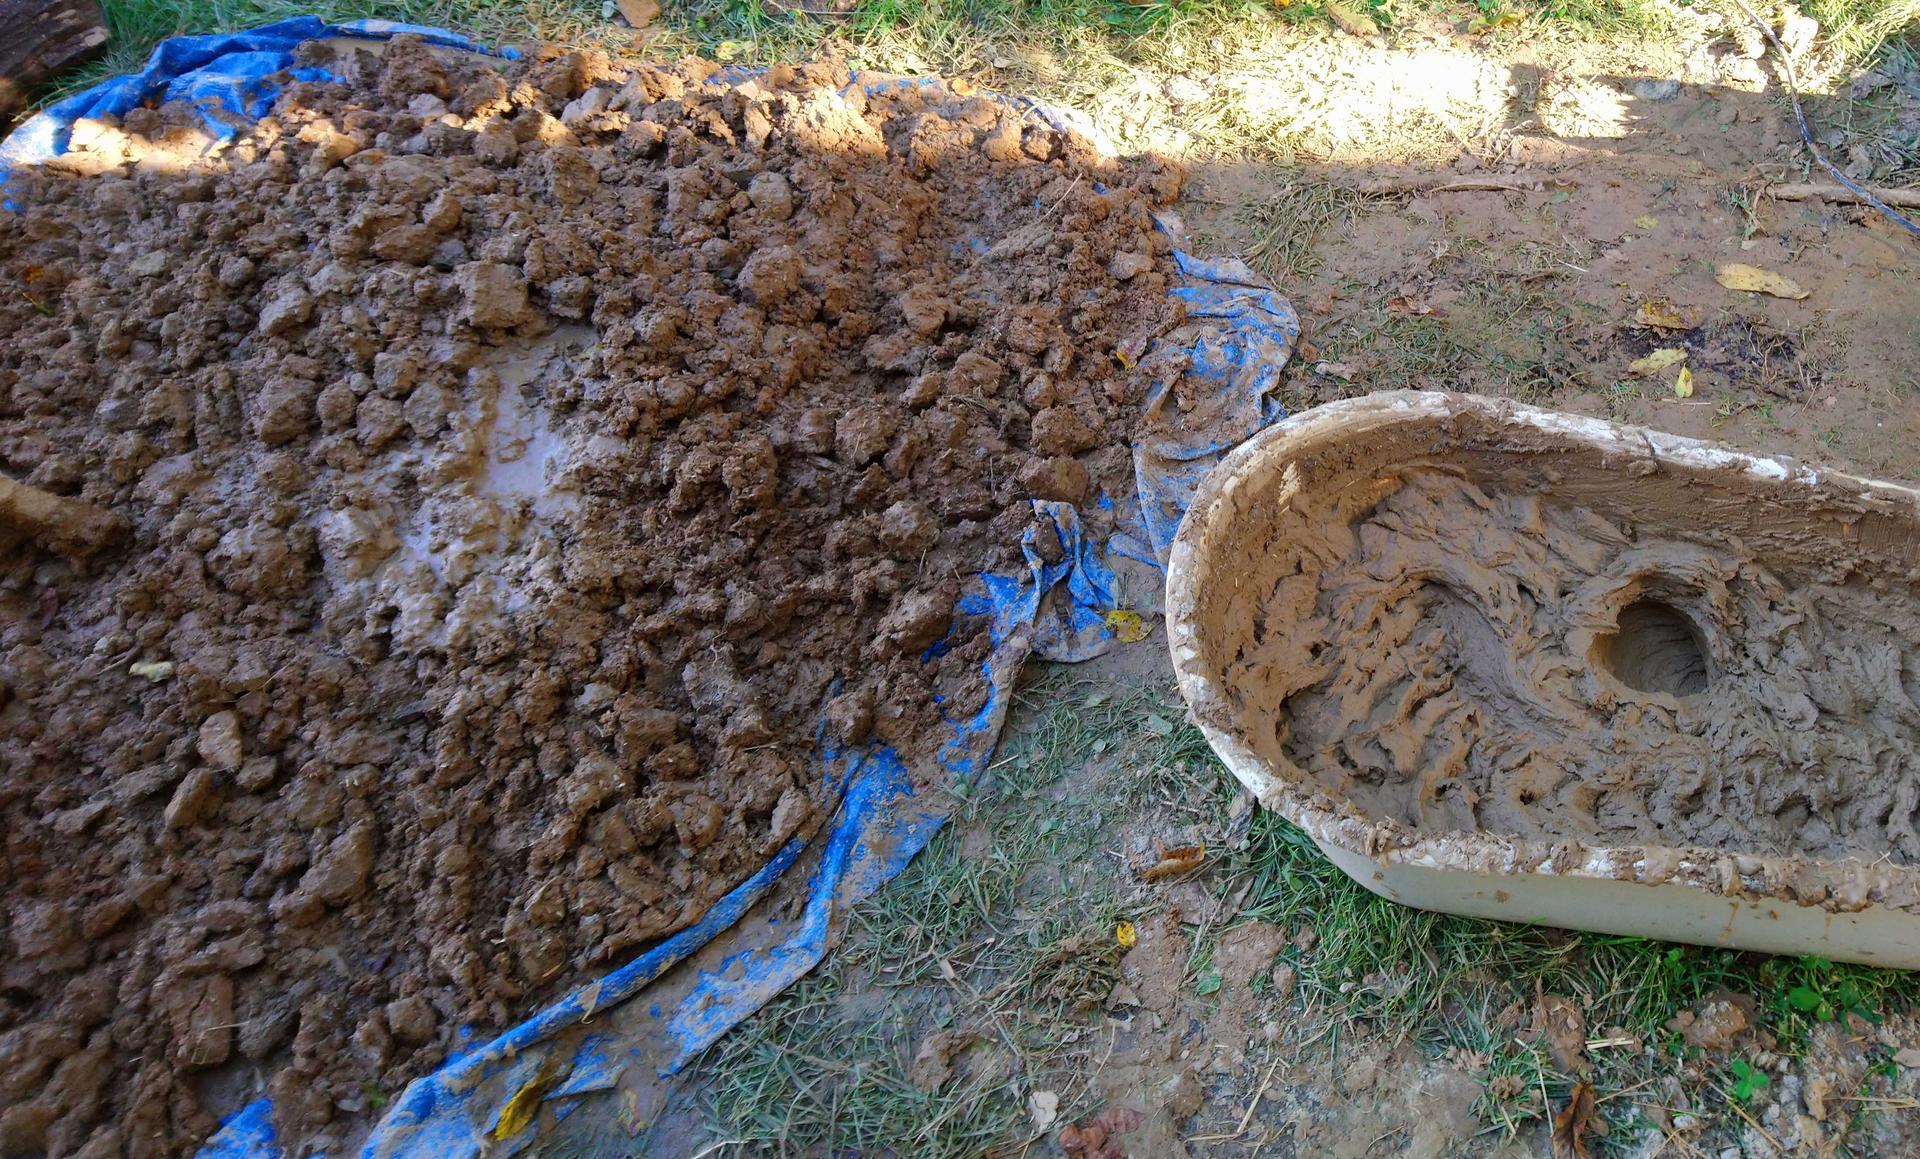 Hlinené omietky - Tak isto vieme získať materiál aj so starých hlinených tehál. Tie sa musia namočiť na pár dní do vody, napríklad do velkej vane, prípadne priehlbiny podloženej igelitom ako na obrázku.